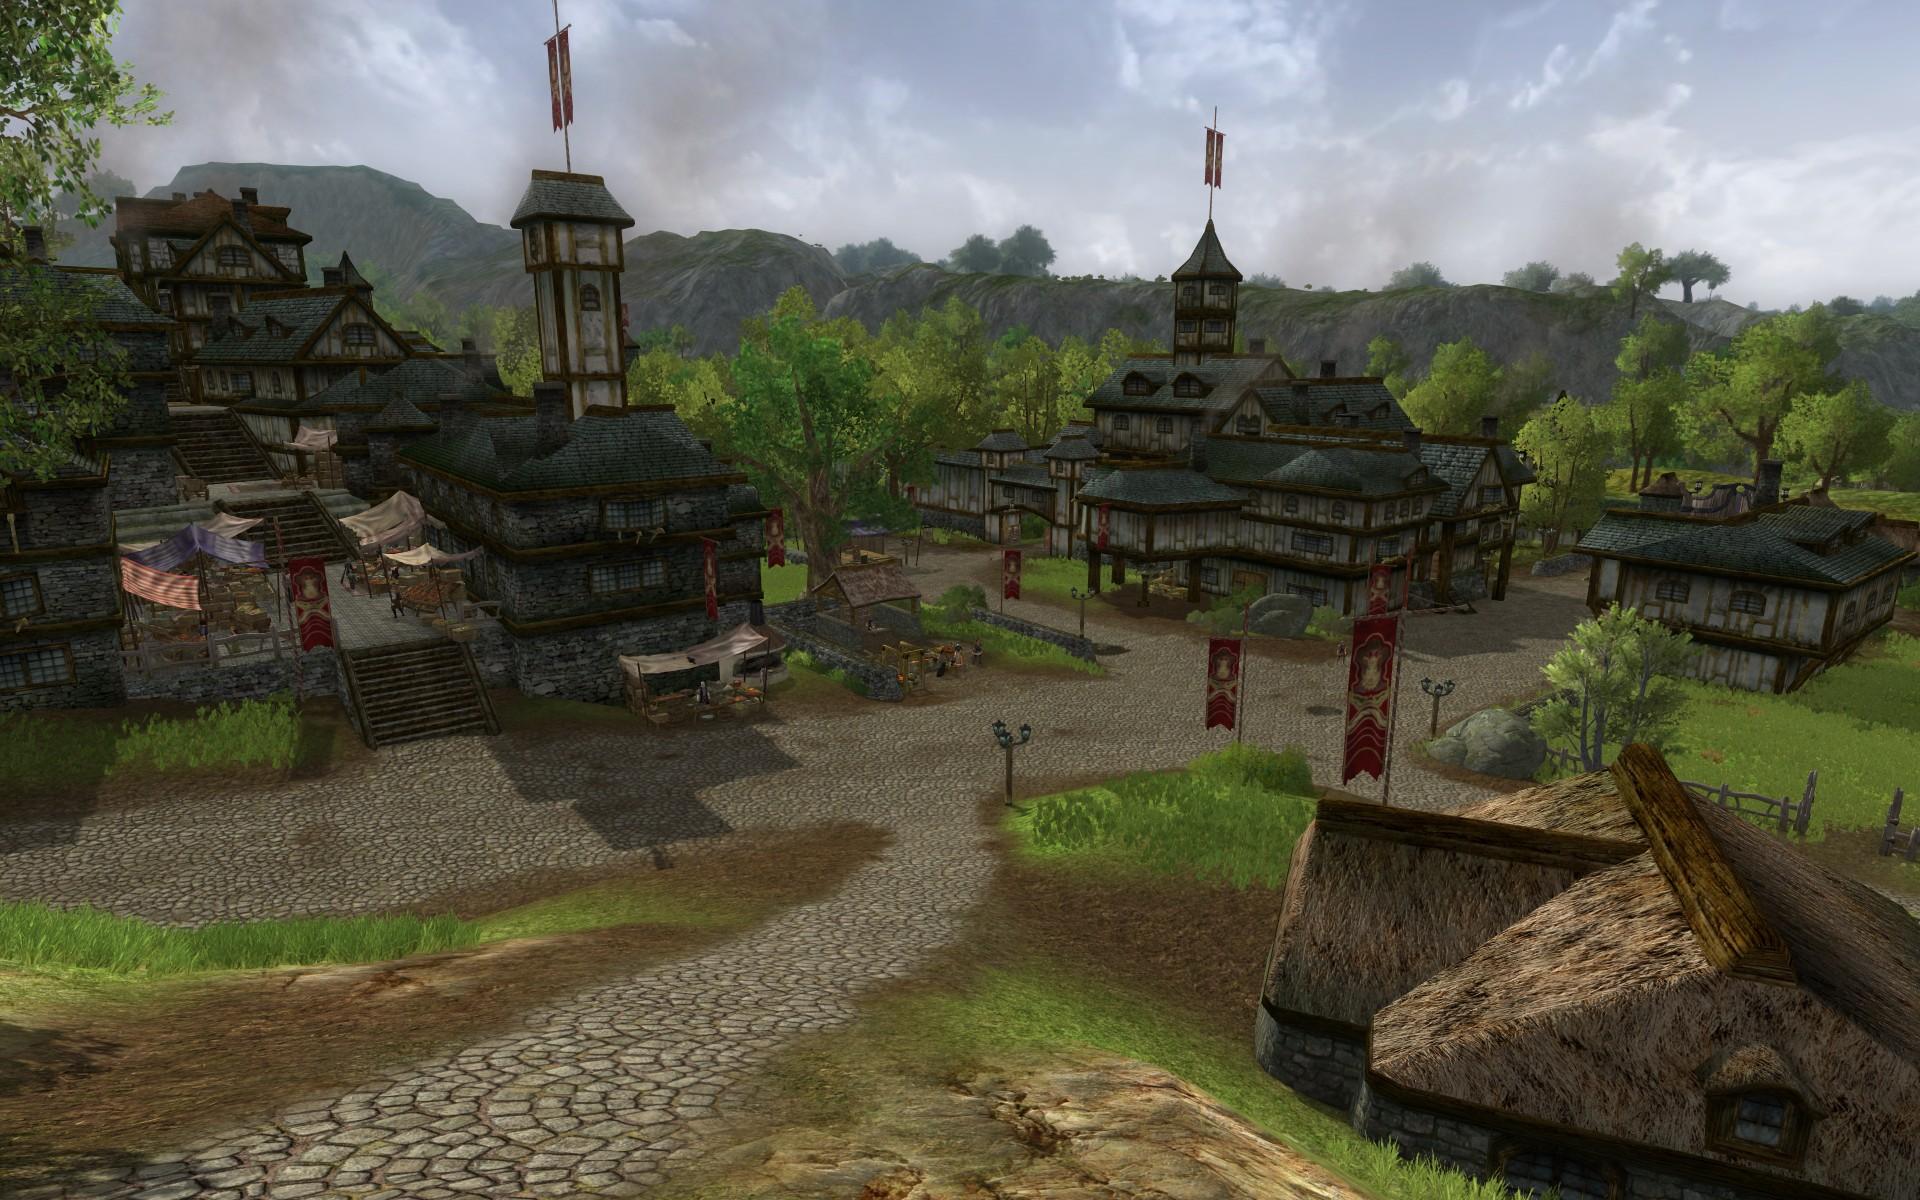 『ロード・オブ・ザ・リングス オンライン』におけるブリー村